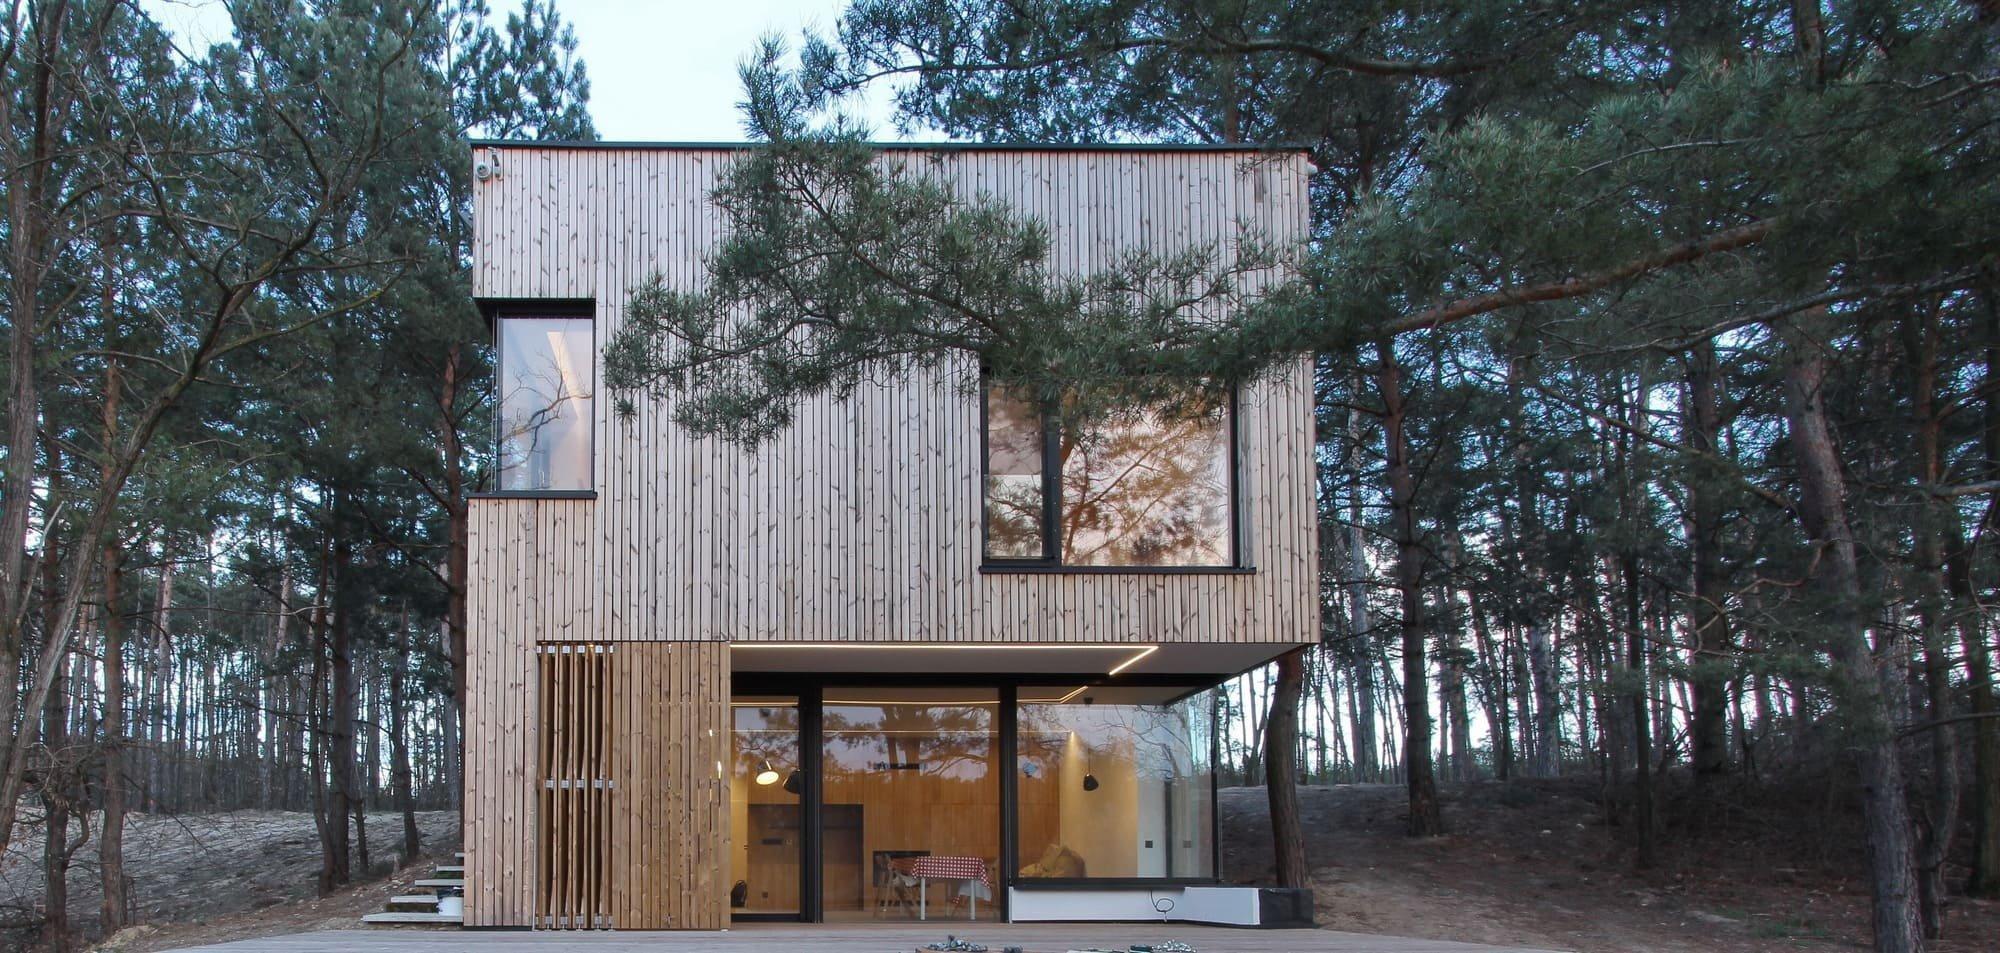 Dnes se podíváme do západoslovenské obce Plavecký Štvrtok, v níž podle návrhu architektonického studia Hantabal architekti vyrostla pozoruhodně řešená dřevěná chata. Ta se nachází uprostřed borovicového lesa na pozemku, který se ve své polovině svažuje směrem k překrásnému jezeru.